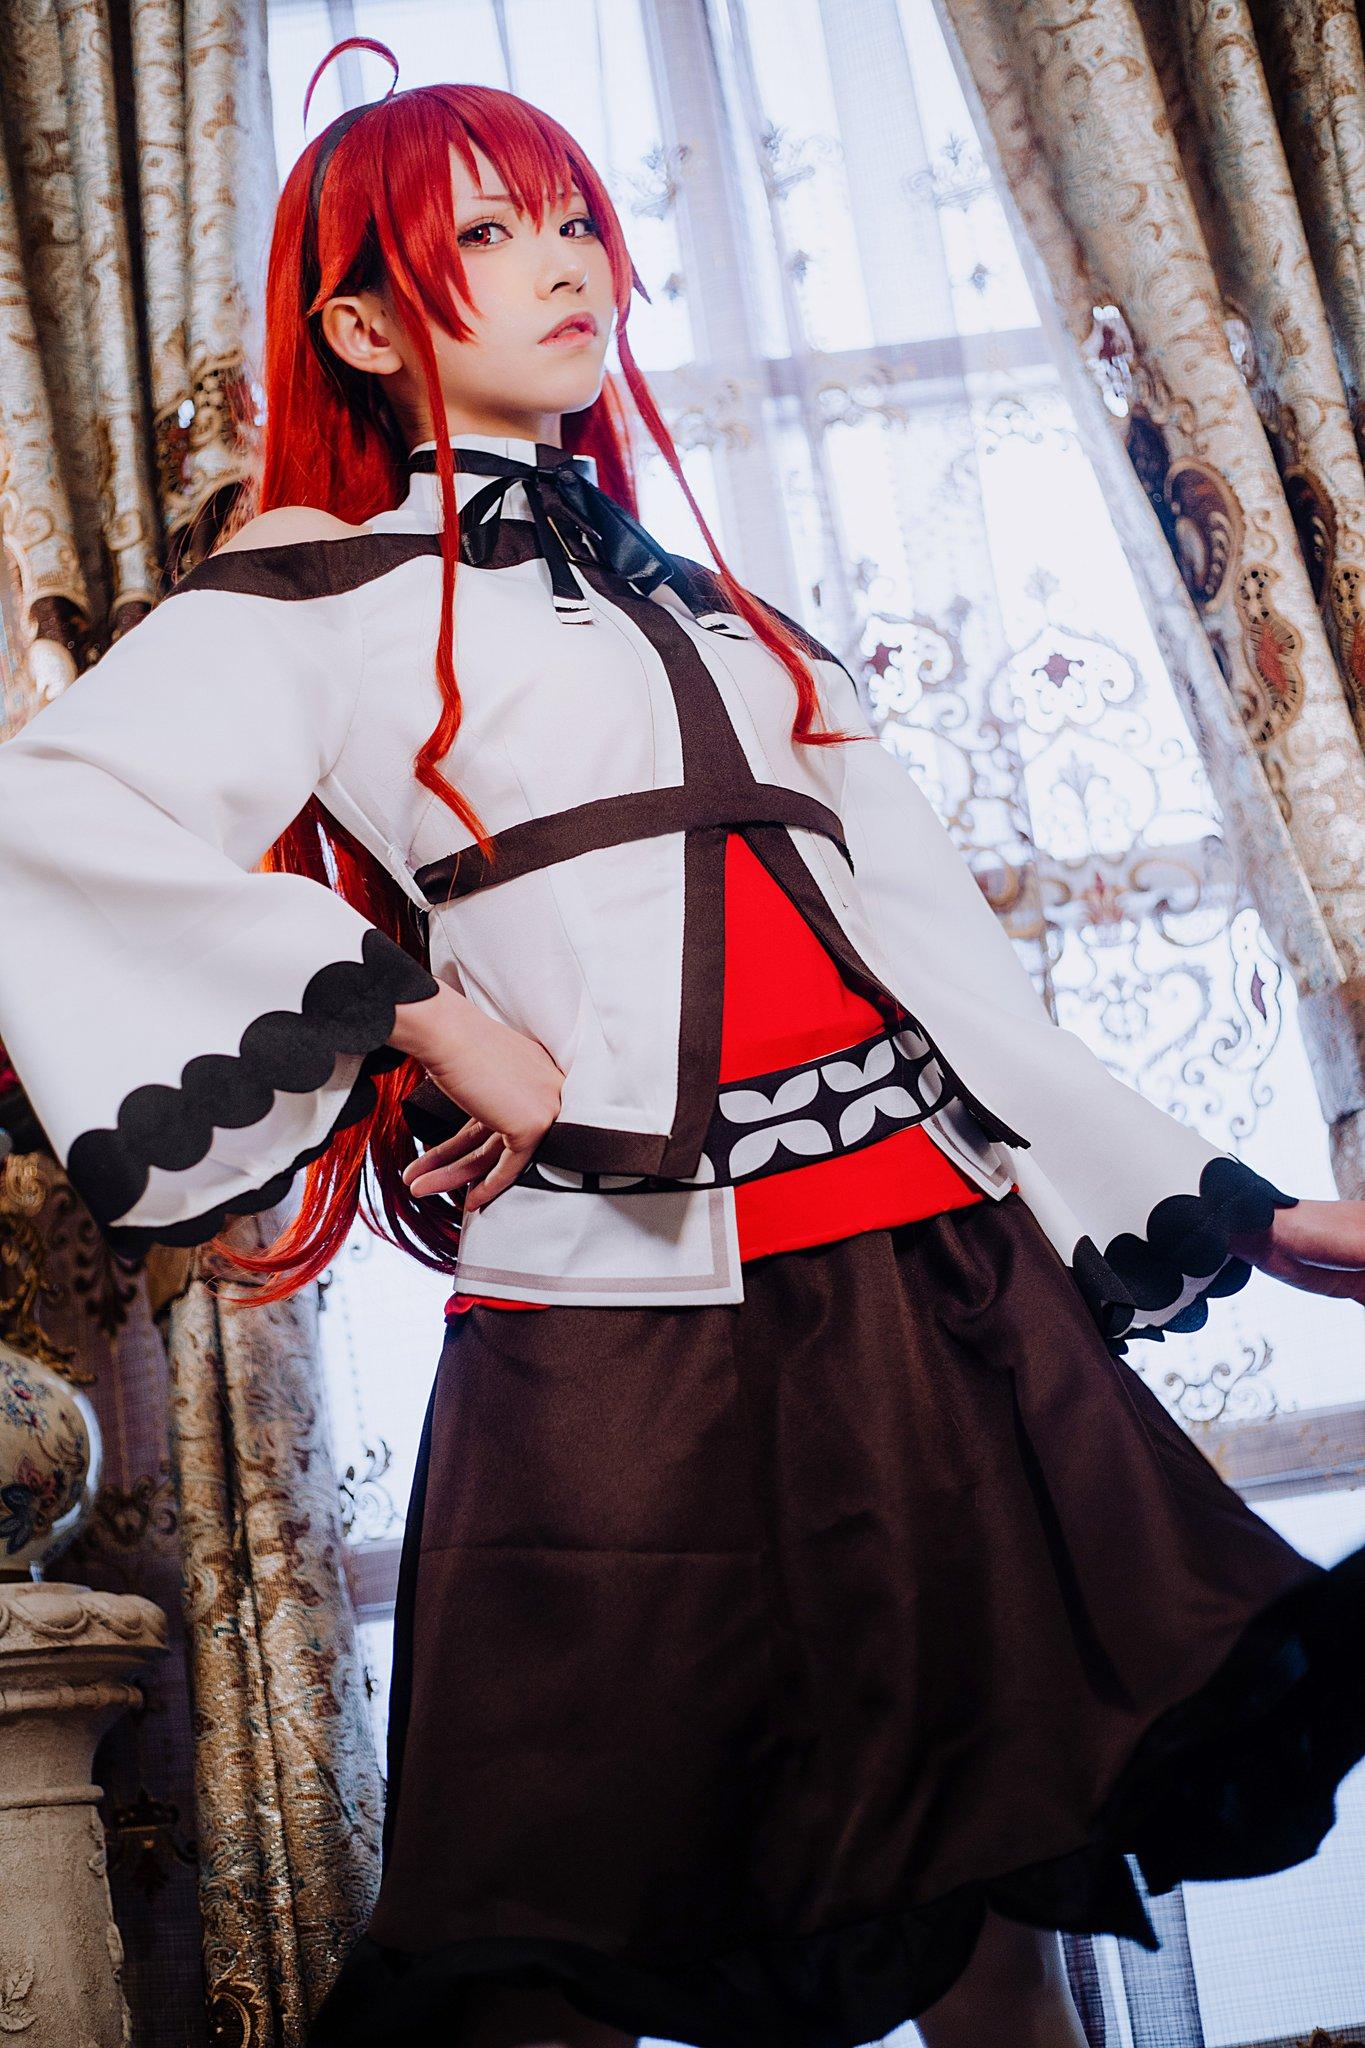 """画像,#無職転生  #アリス #cosplay """"あなたをアリスと呼ぶことを特に許した""""coser:@kitaro_cos phx.:@CcLos…"""